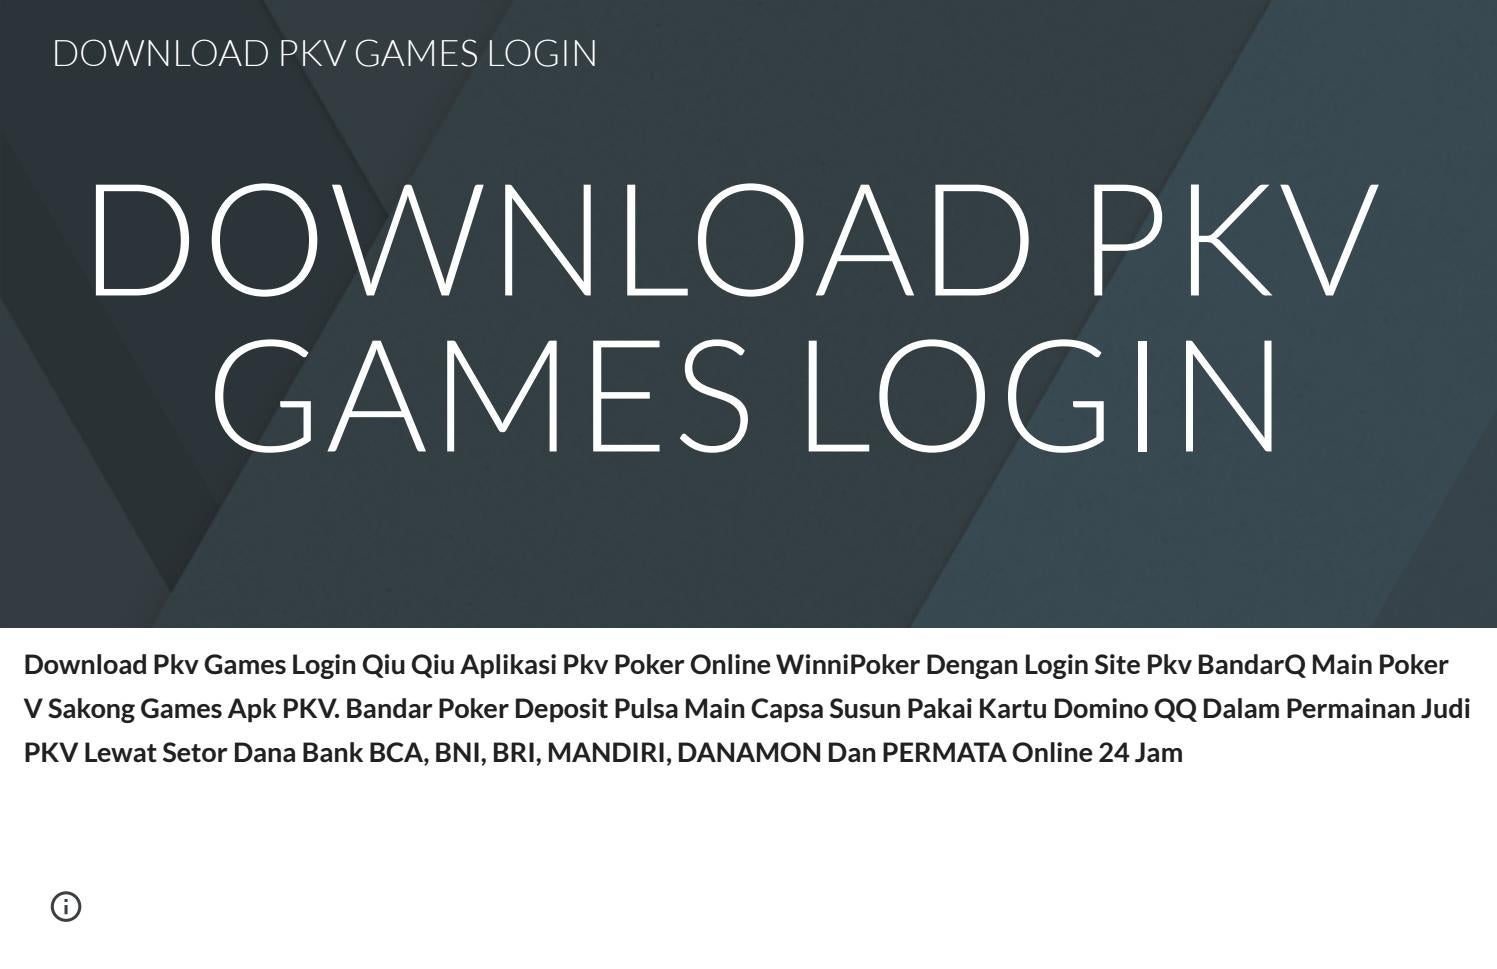 Download Pkv Games Login Judiqq By Pkvjudiqq Pkv Judi Qq Pkv Games Dominoqq Bandarq Issuu